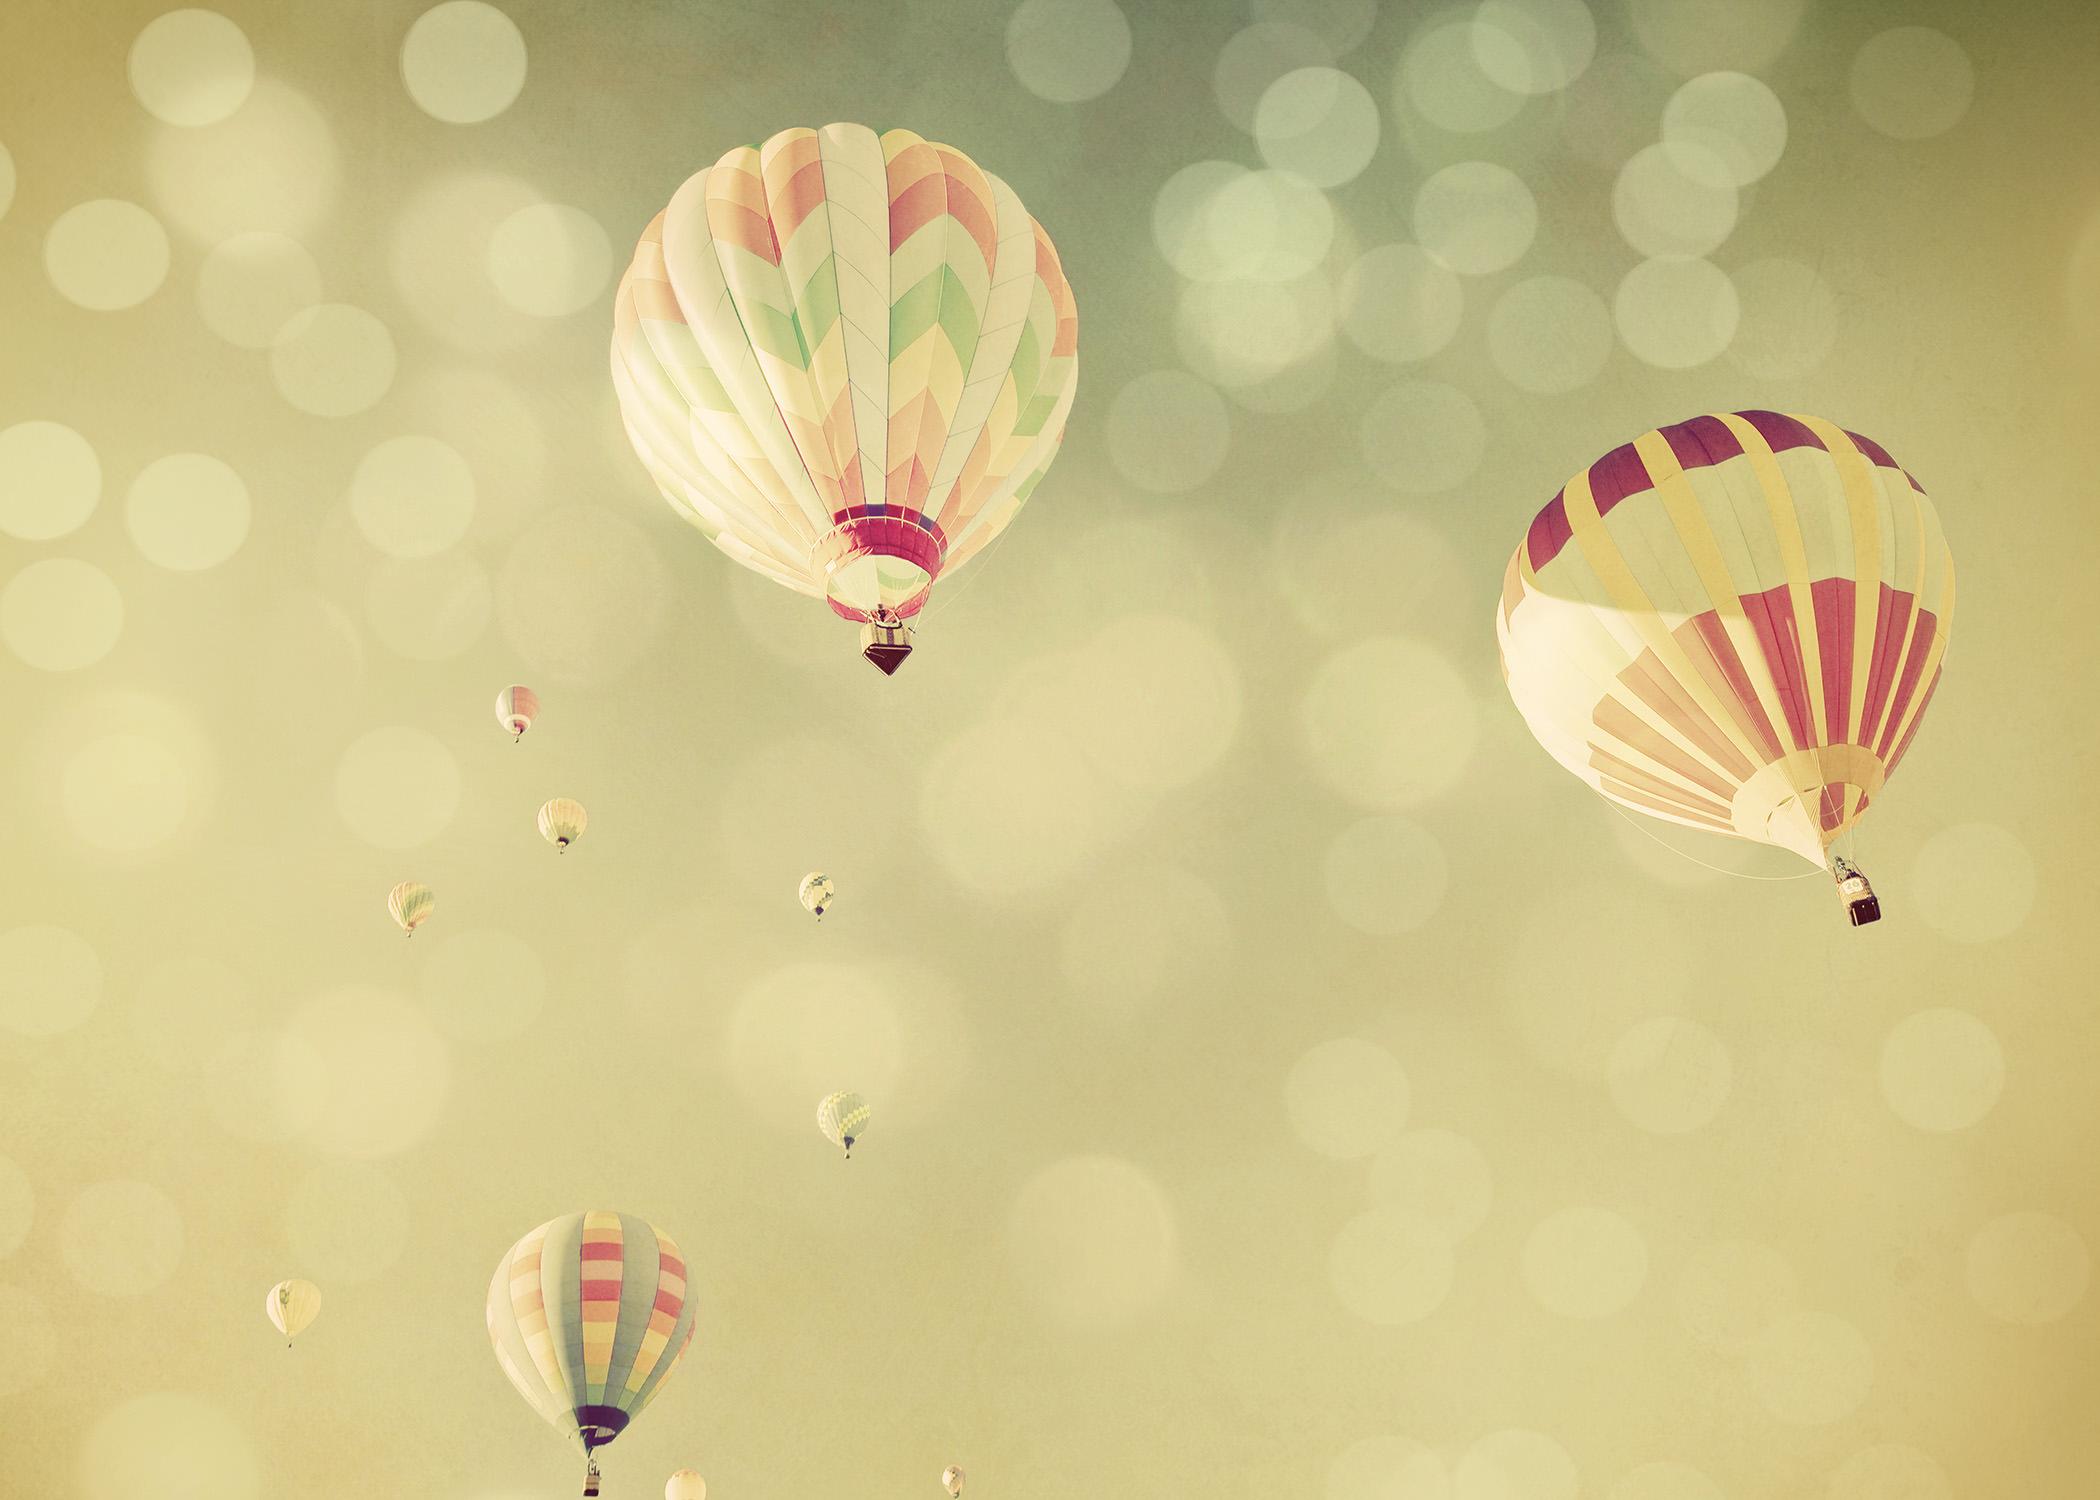 hot_air_balloon-3233.jpg